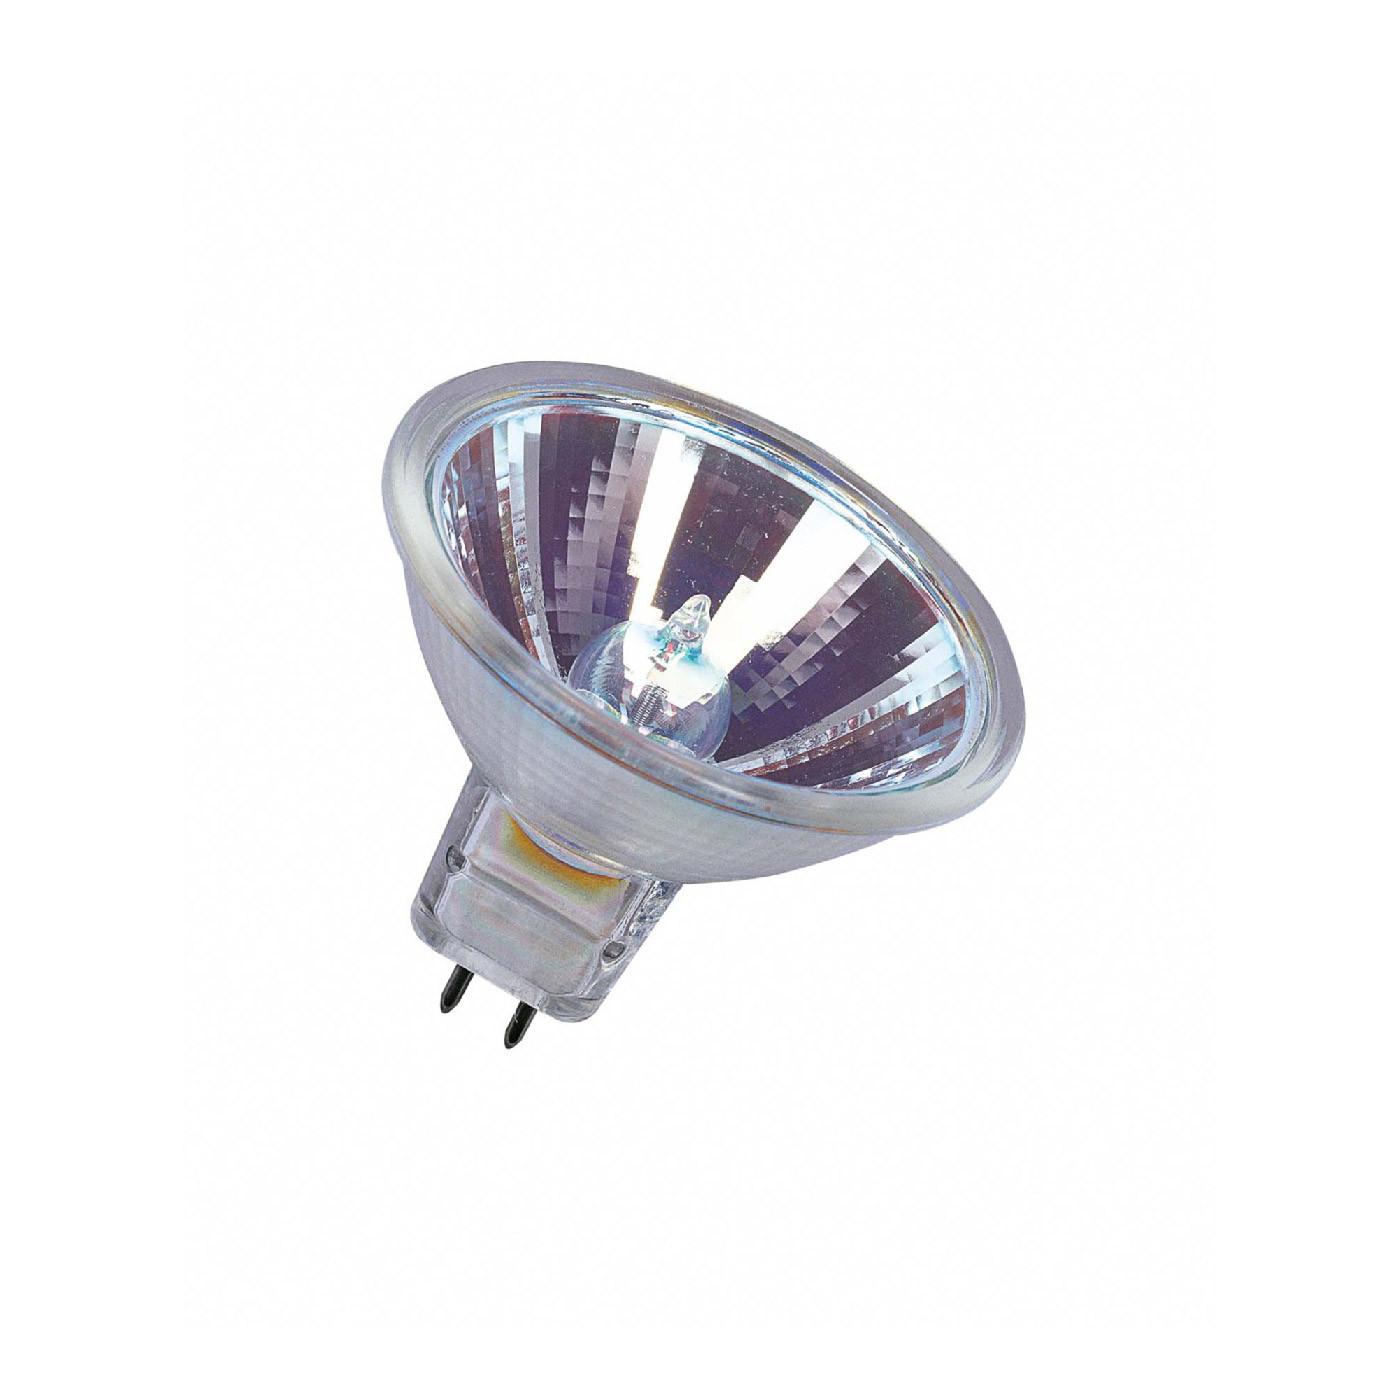 Osram Halogen-Reflektorlampe QR-CBC51 35W 12V 38° GU5.3 (entspricht der herkömmlichen 50W Lampe)